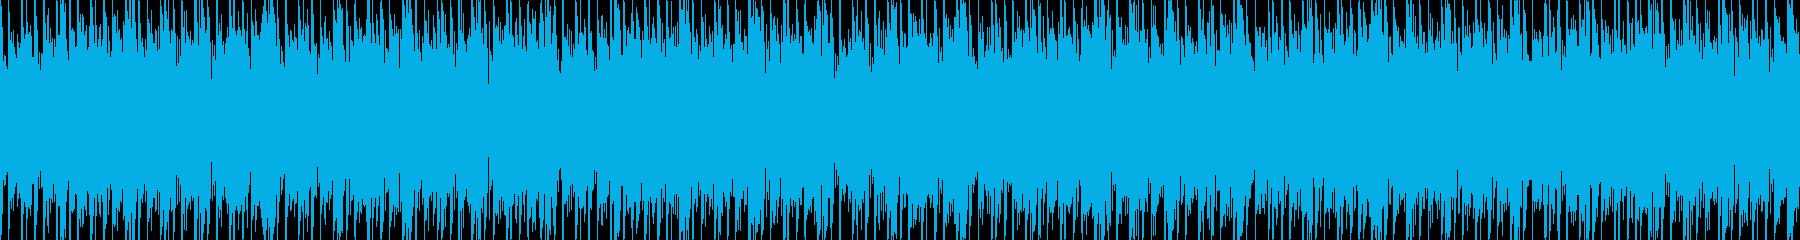 キャンプ・アウトドアなBGM_ループの再生済みの波形